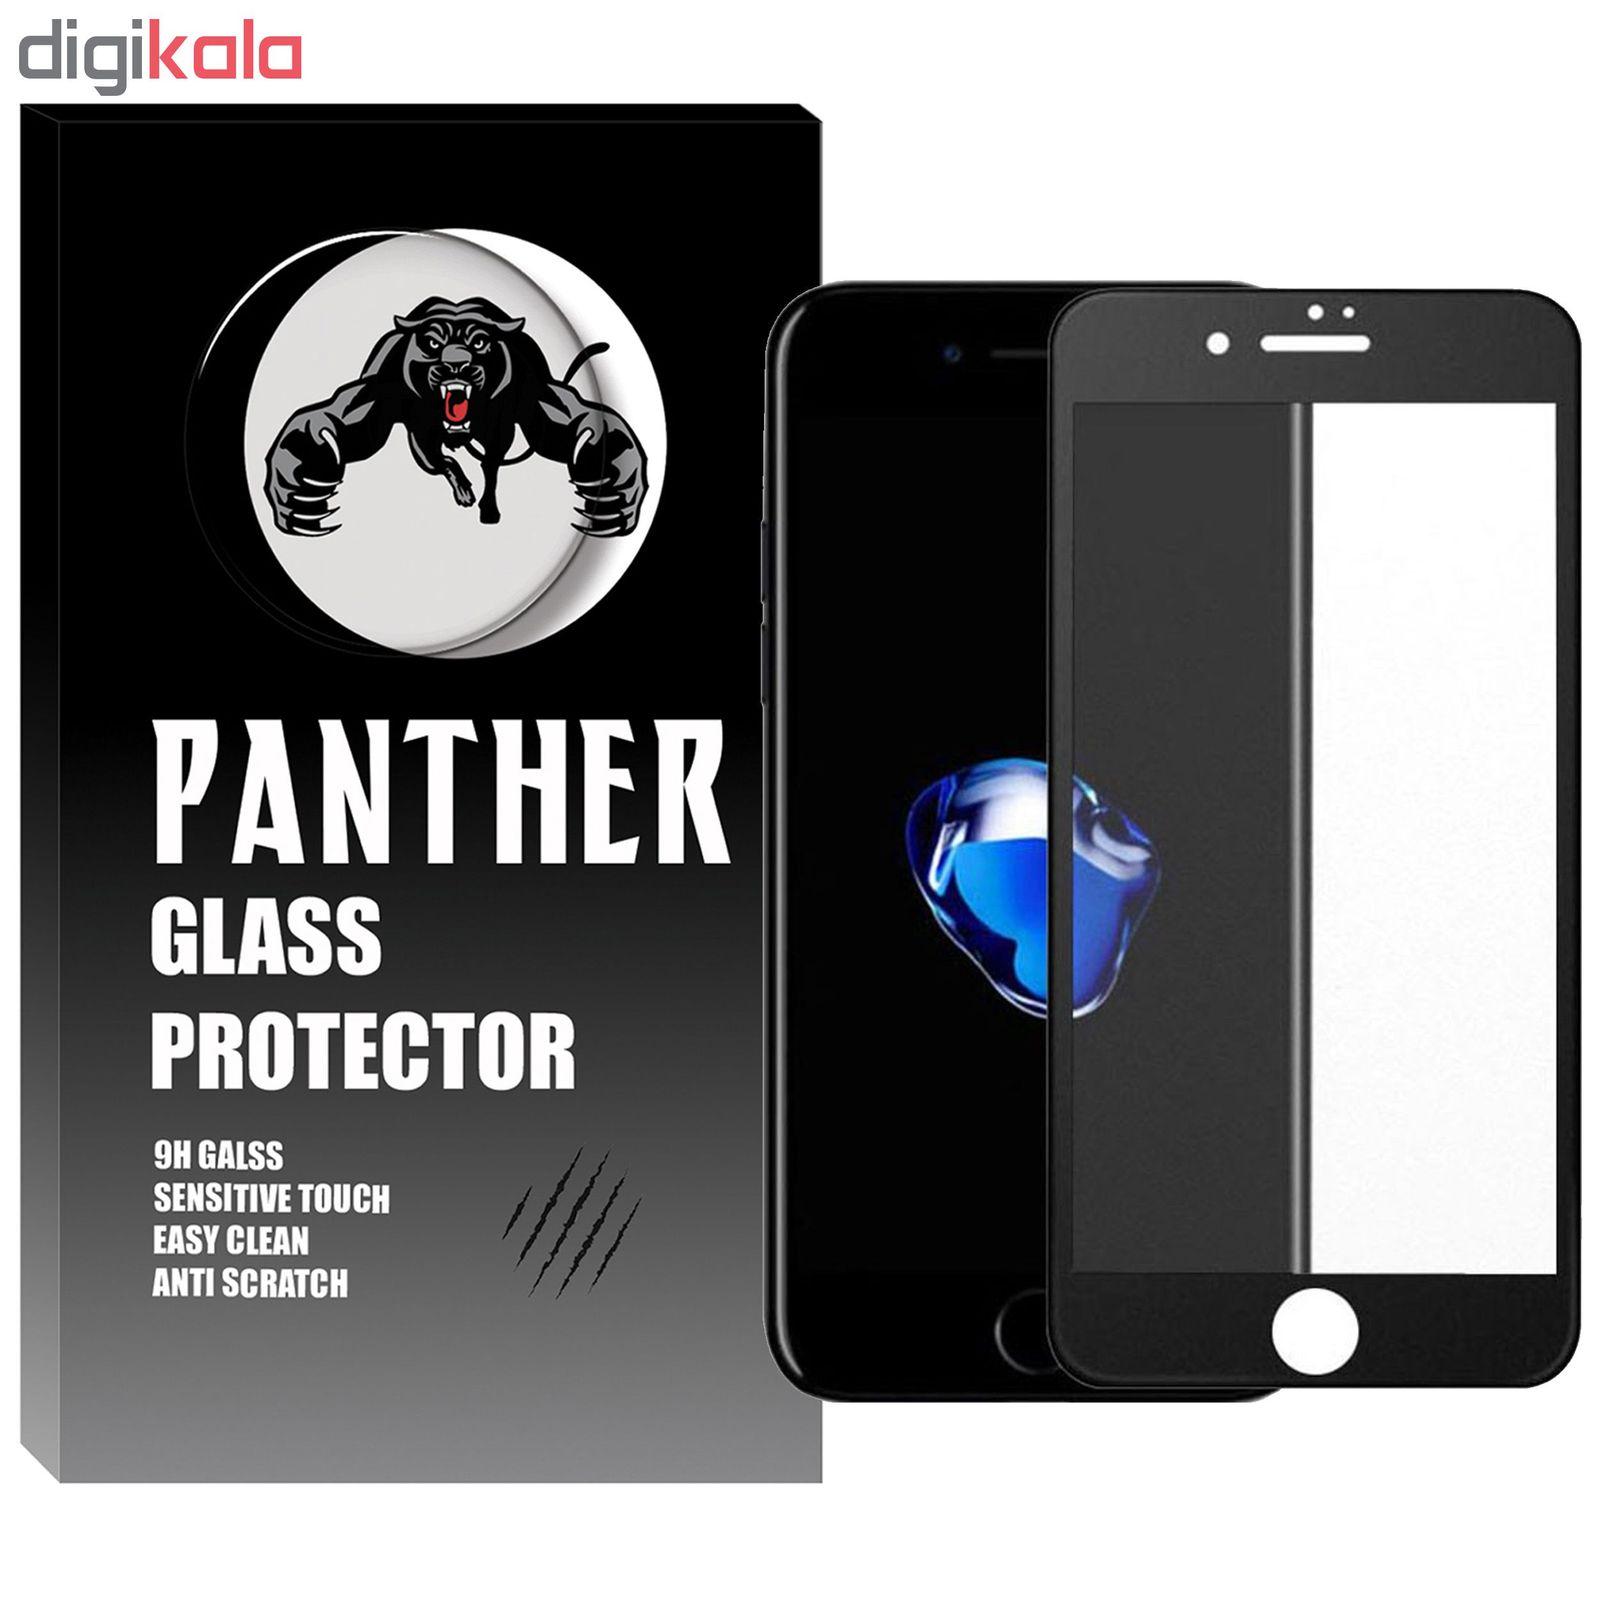 محافظ صفحه نمایش مات پنتر مدل PFG-017 مناسب برای گوشی موبایل اپل iPhone 6 Plus / 6s Plus main 1 1